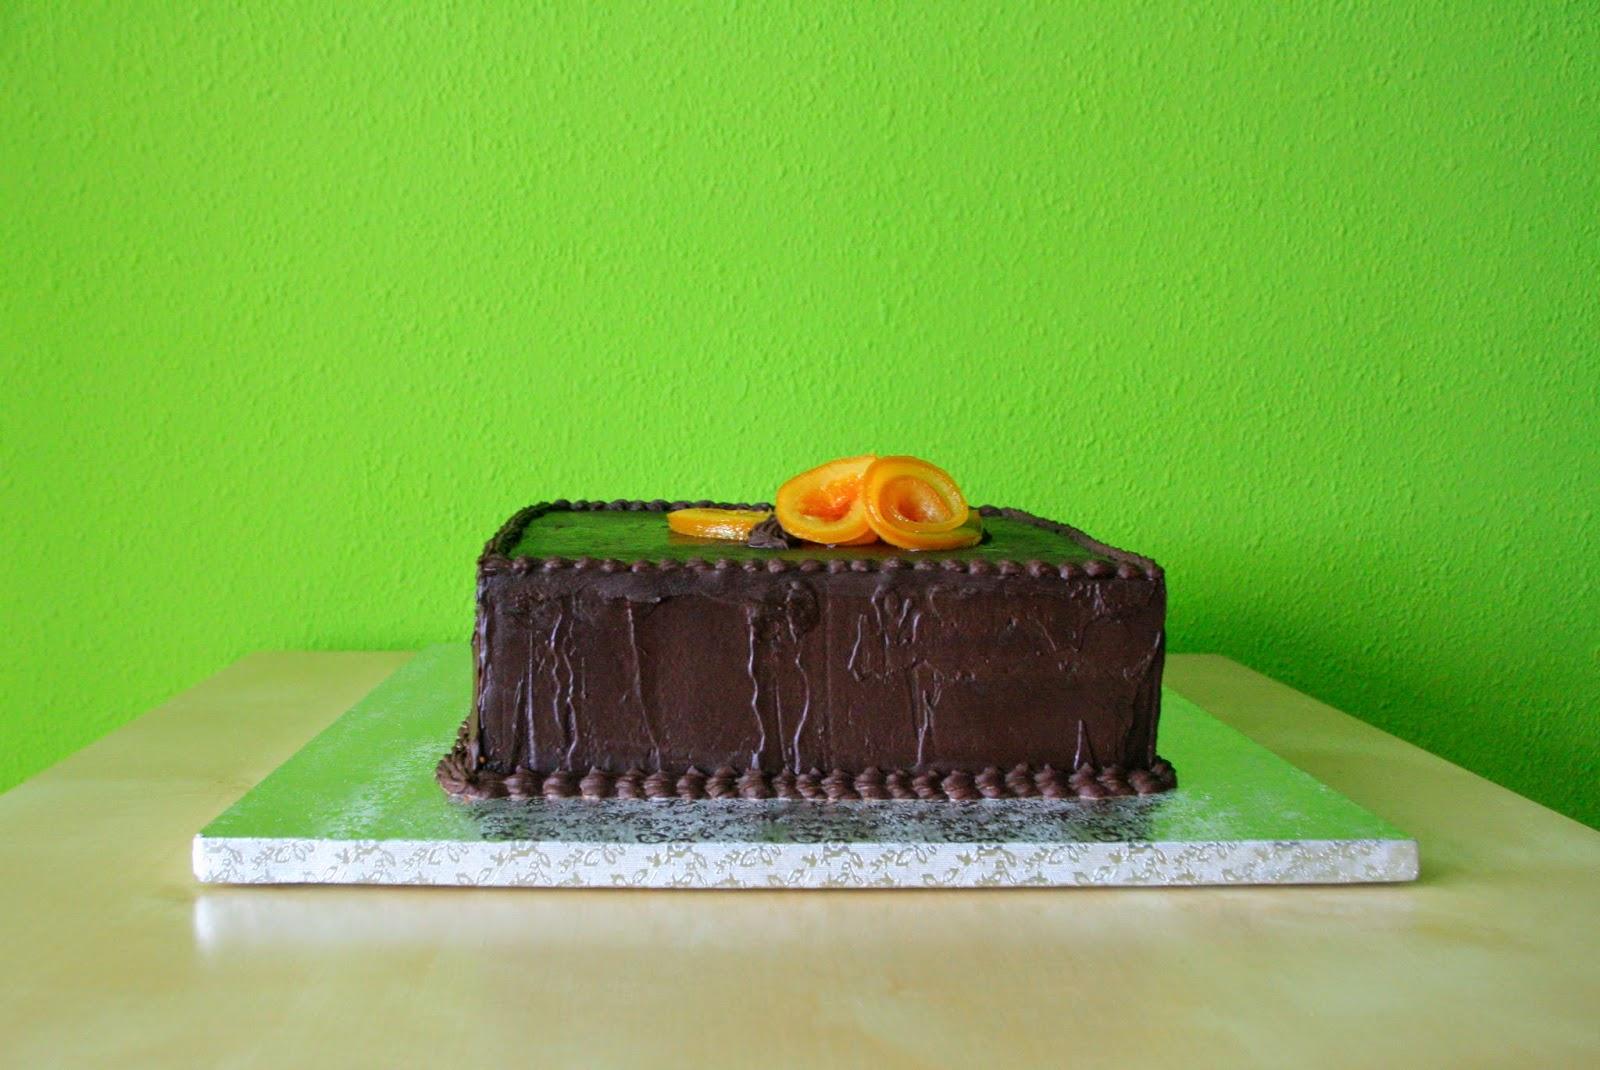 Tarta de xocolata amb taronges confitades